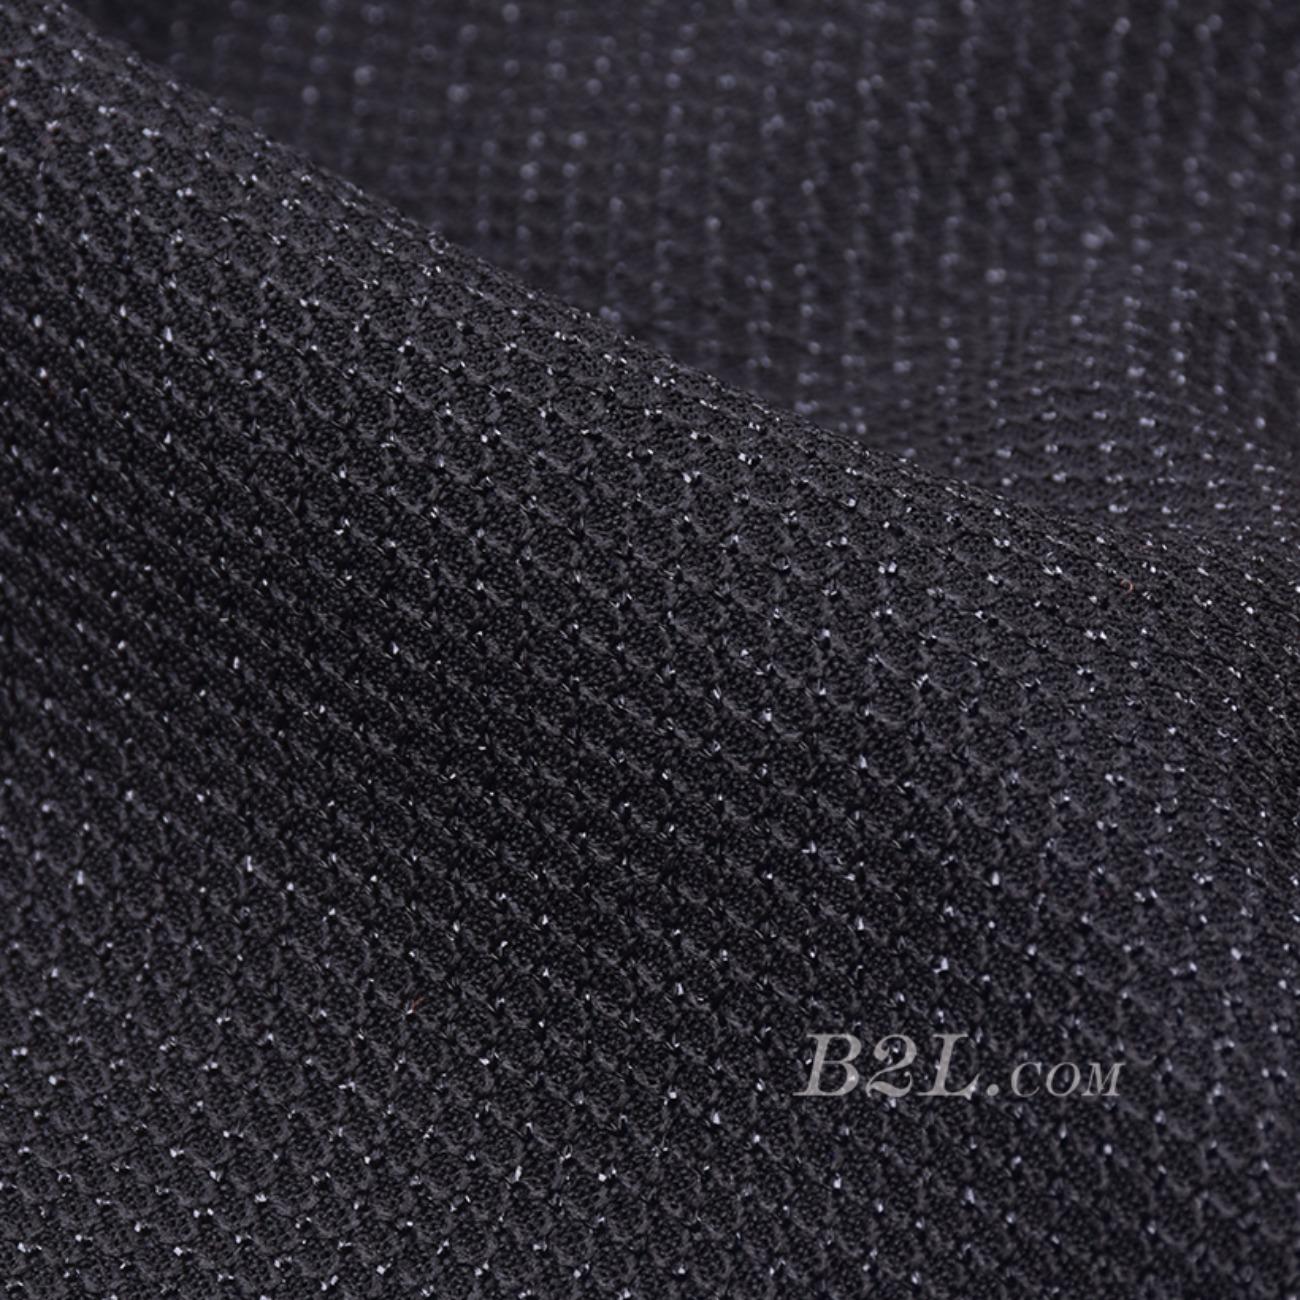 银丝鸟眼 素色 针织 染色 高弹 运动装 偏硬 女装 男装 春夏 80302-61